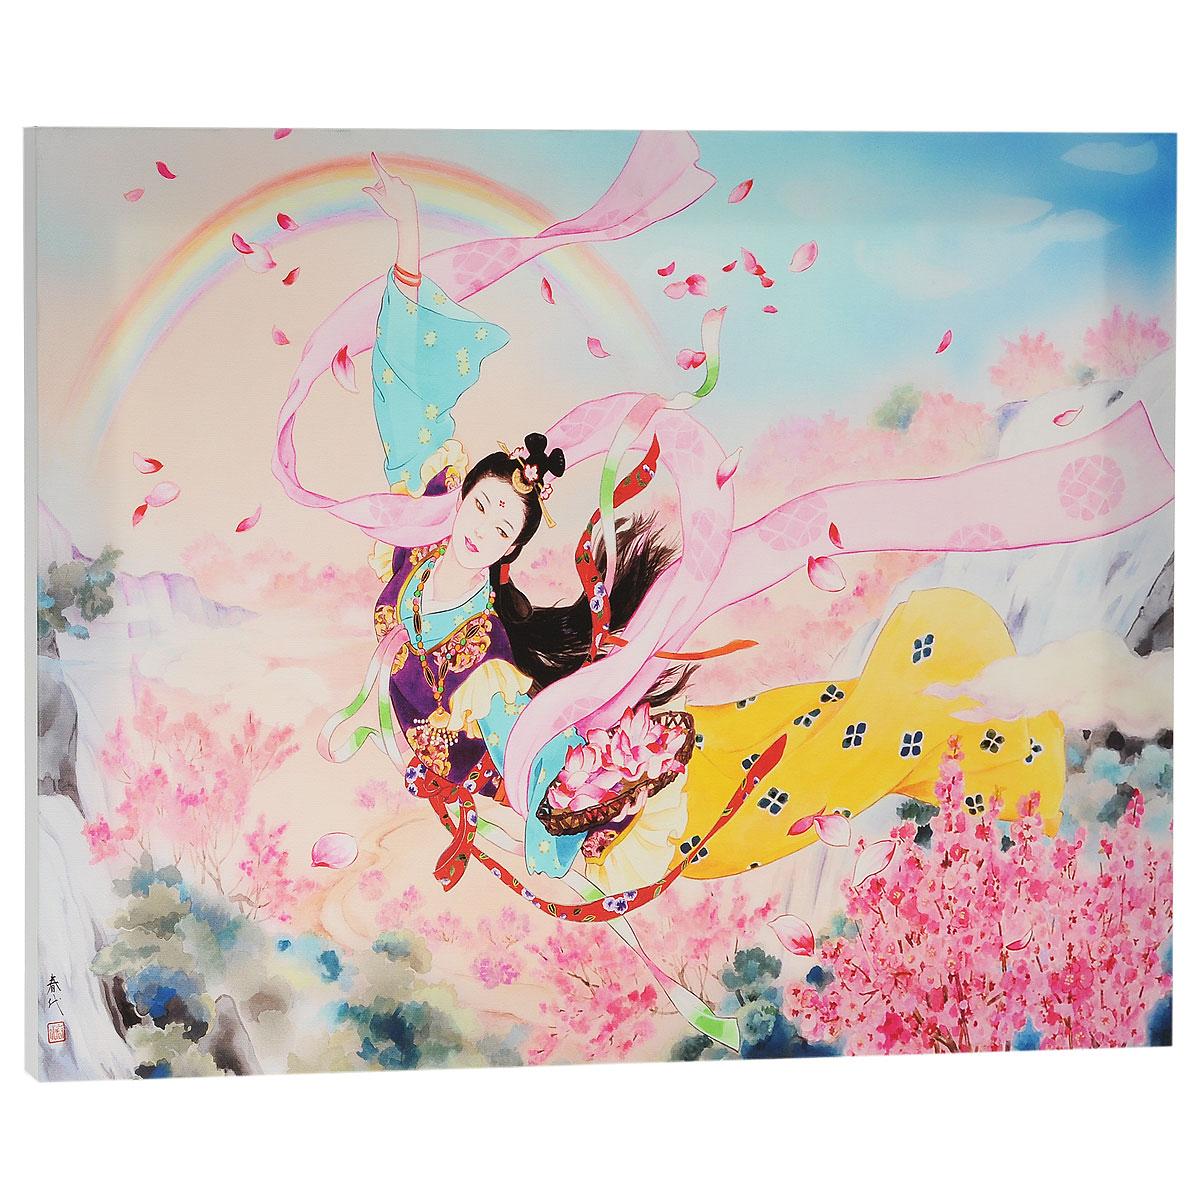 КвикДекор Картина на холсте Tennyo, 60 см х 40 смAP-00767-21845-Cn6040Картина на холсте КвикДекор Tennyo - это прекрасное украшение для вашей гостиной или спальни. Она привнесет в интерьер яркий акцент и сделает обстановку комфортной и уютной. Харие Морита родилась в Японии в 1945 году. Свой талант художника она проявила еще в раннем детстве. Обучение традиционной японской живописи и победы на выставках определили ее будущее художника. После обучения Харие работала дизайнером кимоно, это и сегодня находит отражение в ее картинах. В 1972 году она становится независимым художником со своим неповторимым стилем. С тех пор выставки с ее участием встречают с интересом по всему миру. Картины Харие Морита- это прекрасный мир фантазий об идиллических японских красавицах в нереально красивых нарядах. Ее работы богаты деталями, в них столько цвета и жизнерадостности. Картина на холсте КвикДекор Tennyo не нуждается в рамке или багете - галерейная натяжка холста на подрамники выполнена очень аккуратно, а боковые части картины запечатаны продолжением...